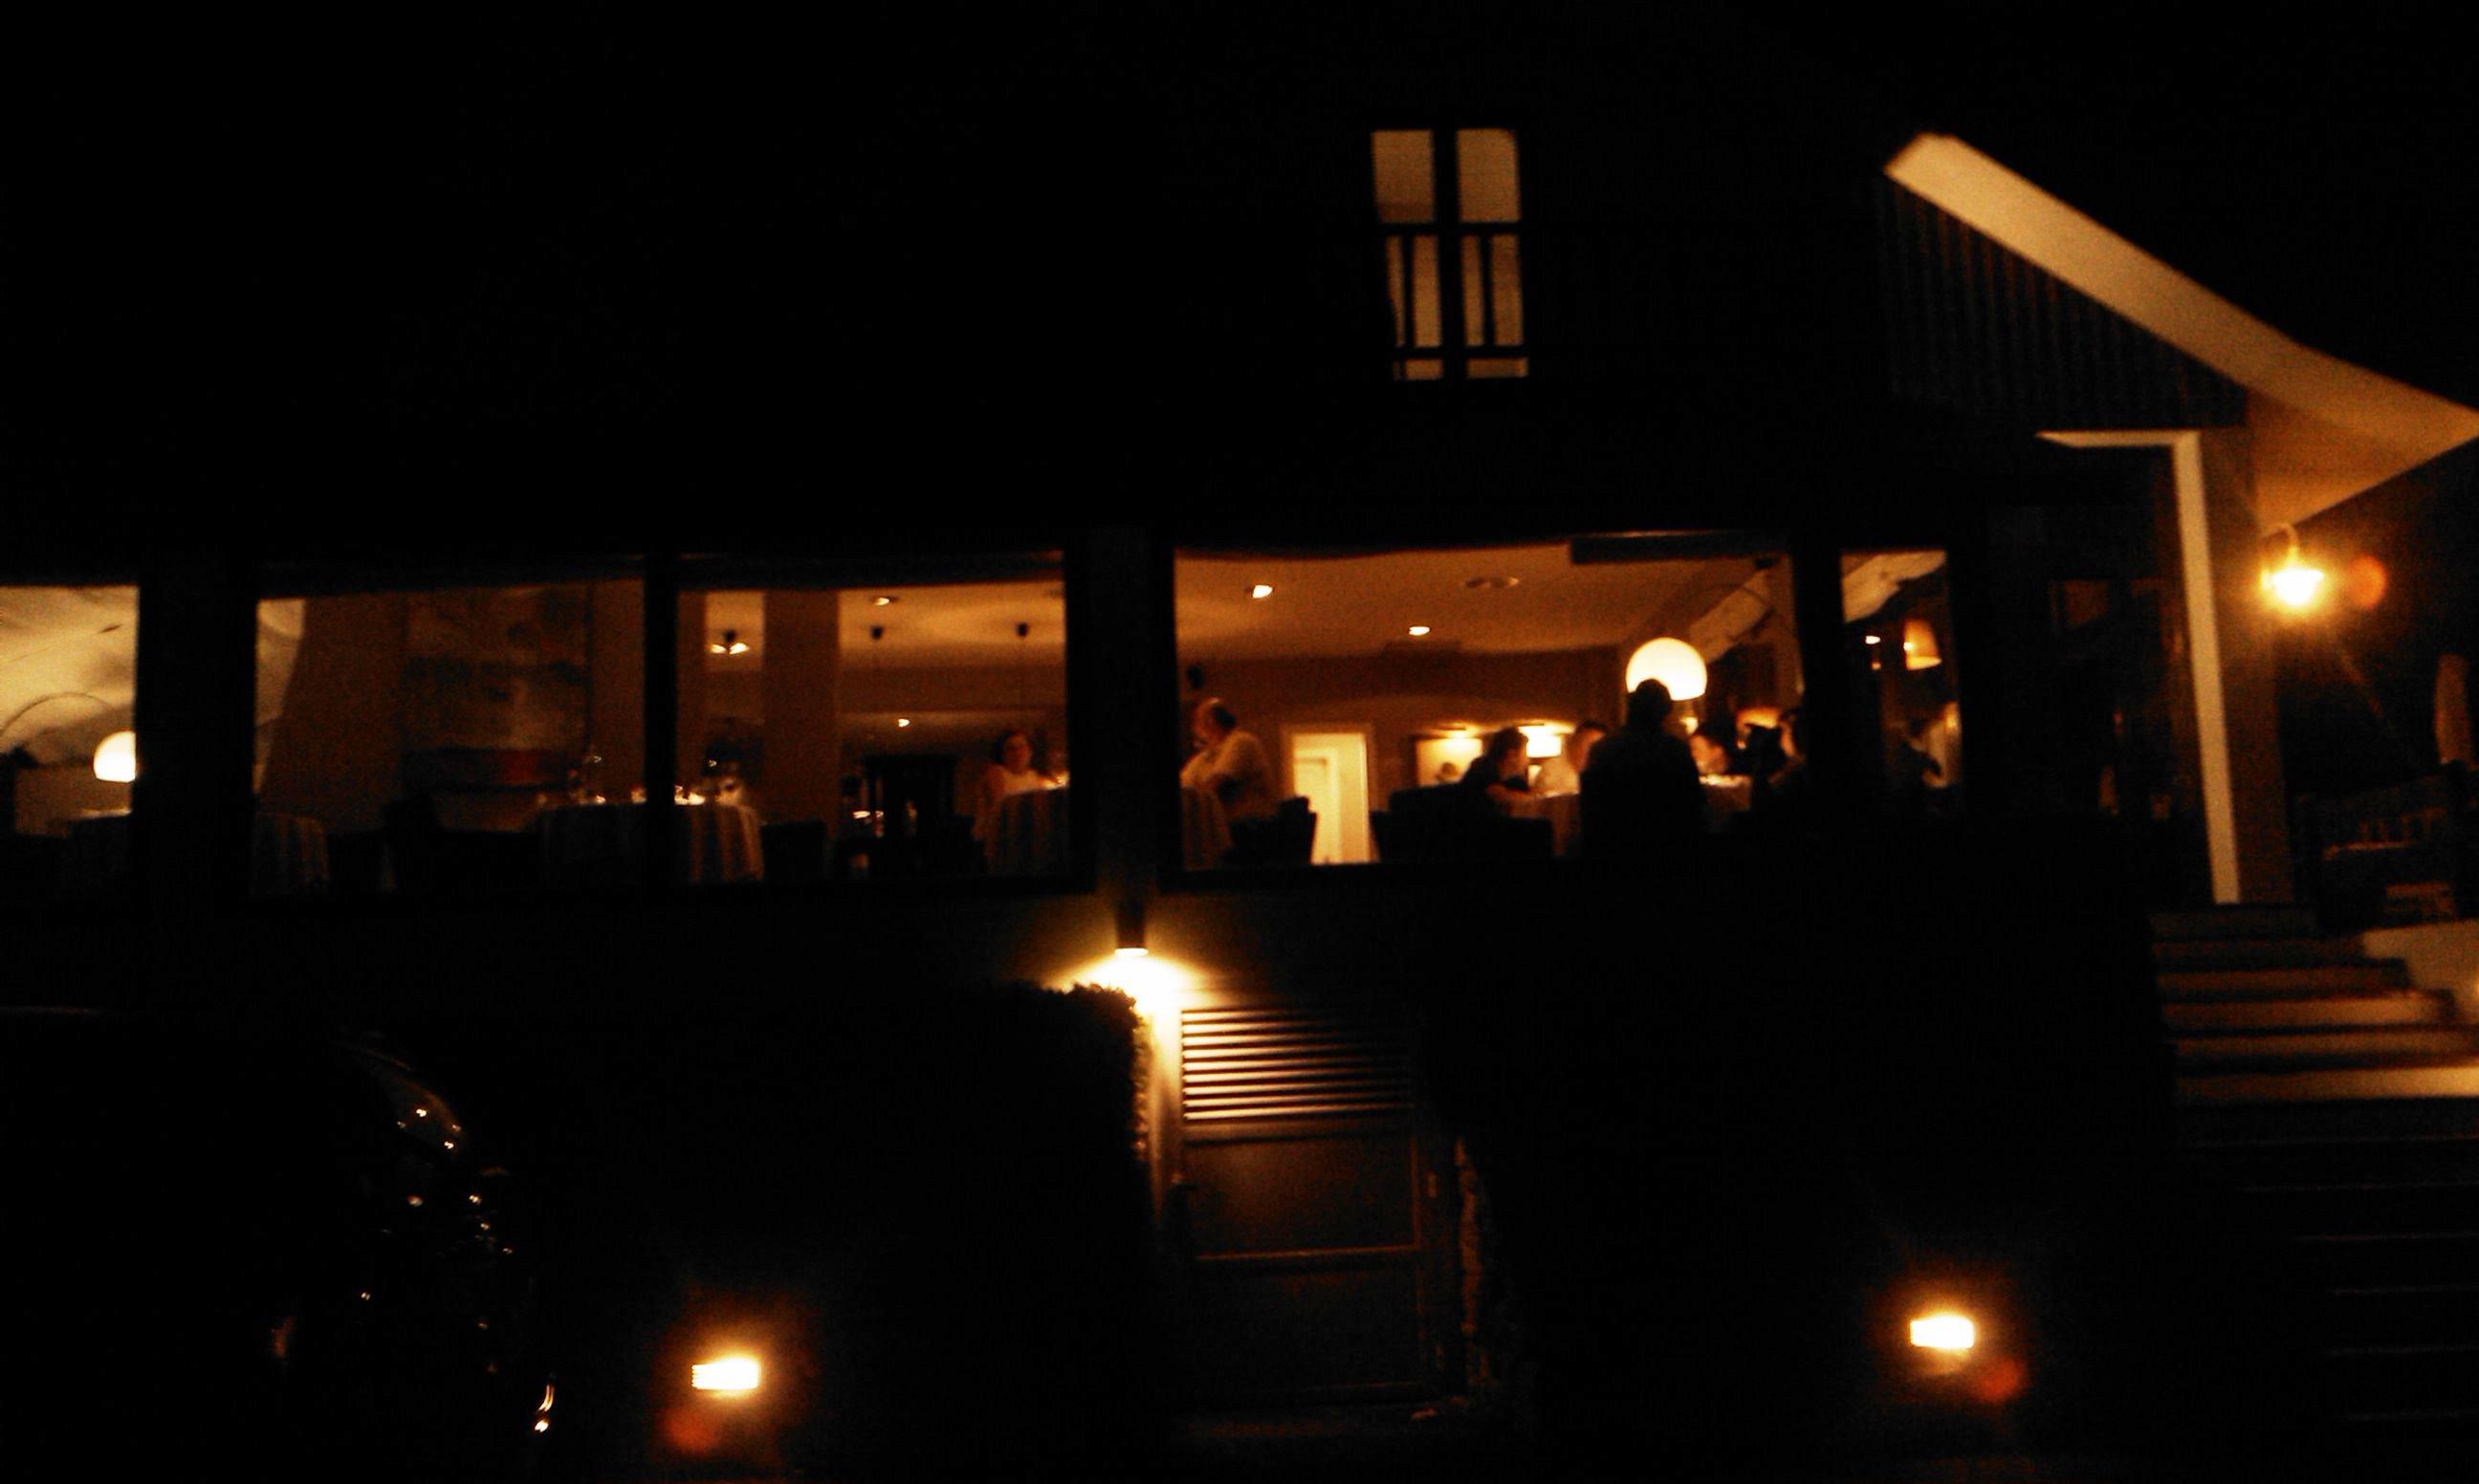 restaurantum.com_-_restaurante_Refugio_As_Garzas_Malpica_-_Exterior.jpg